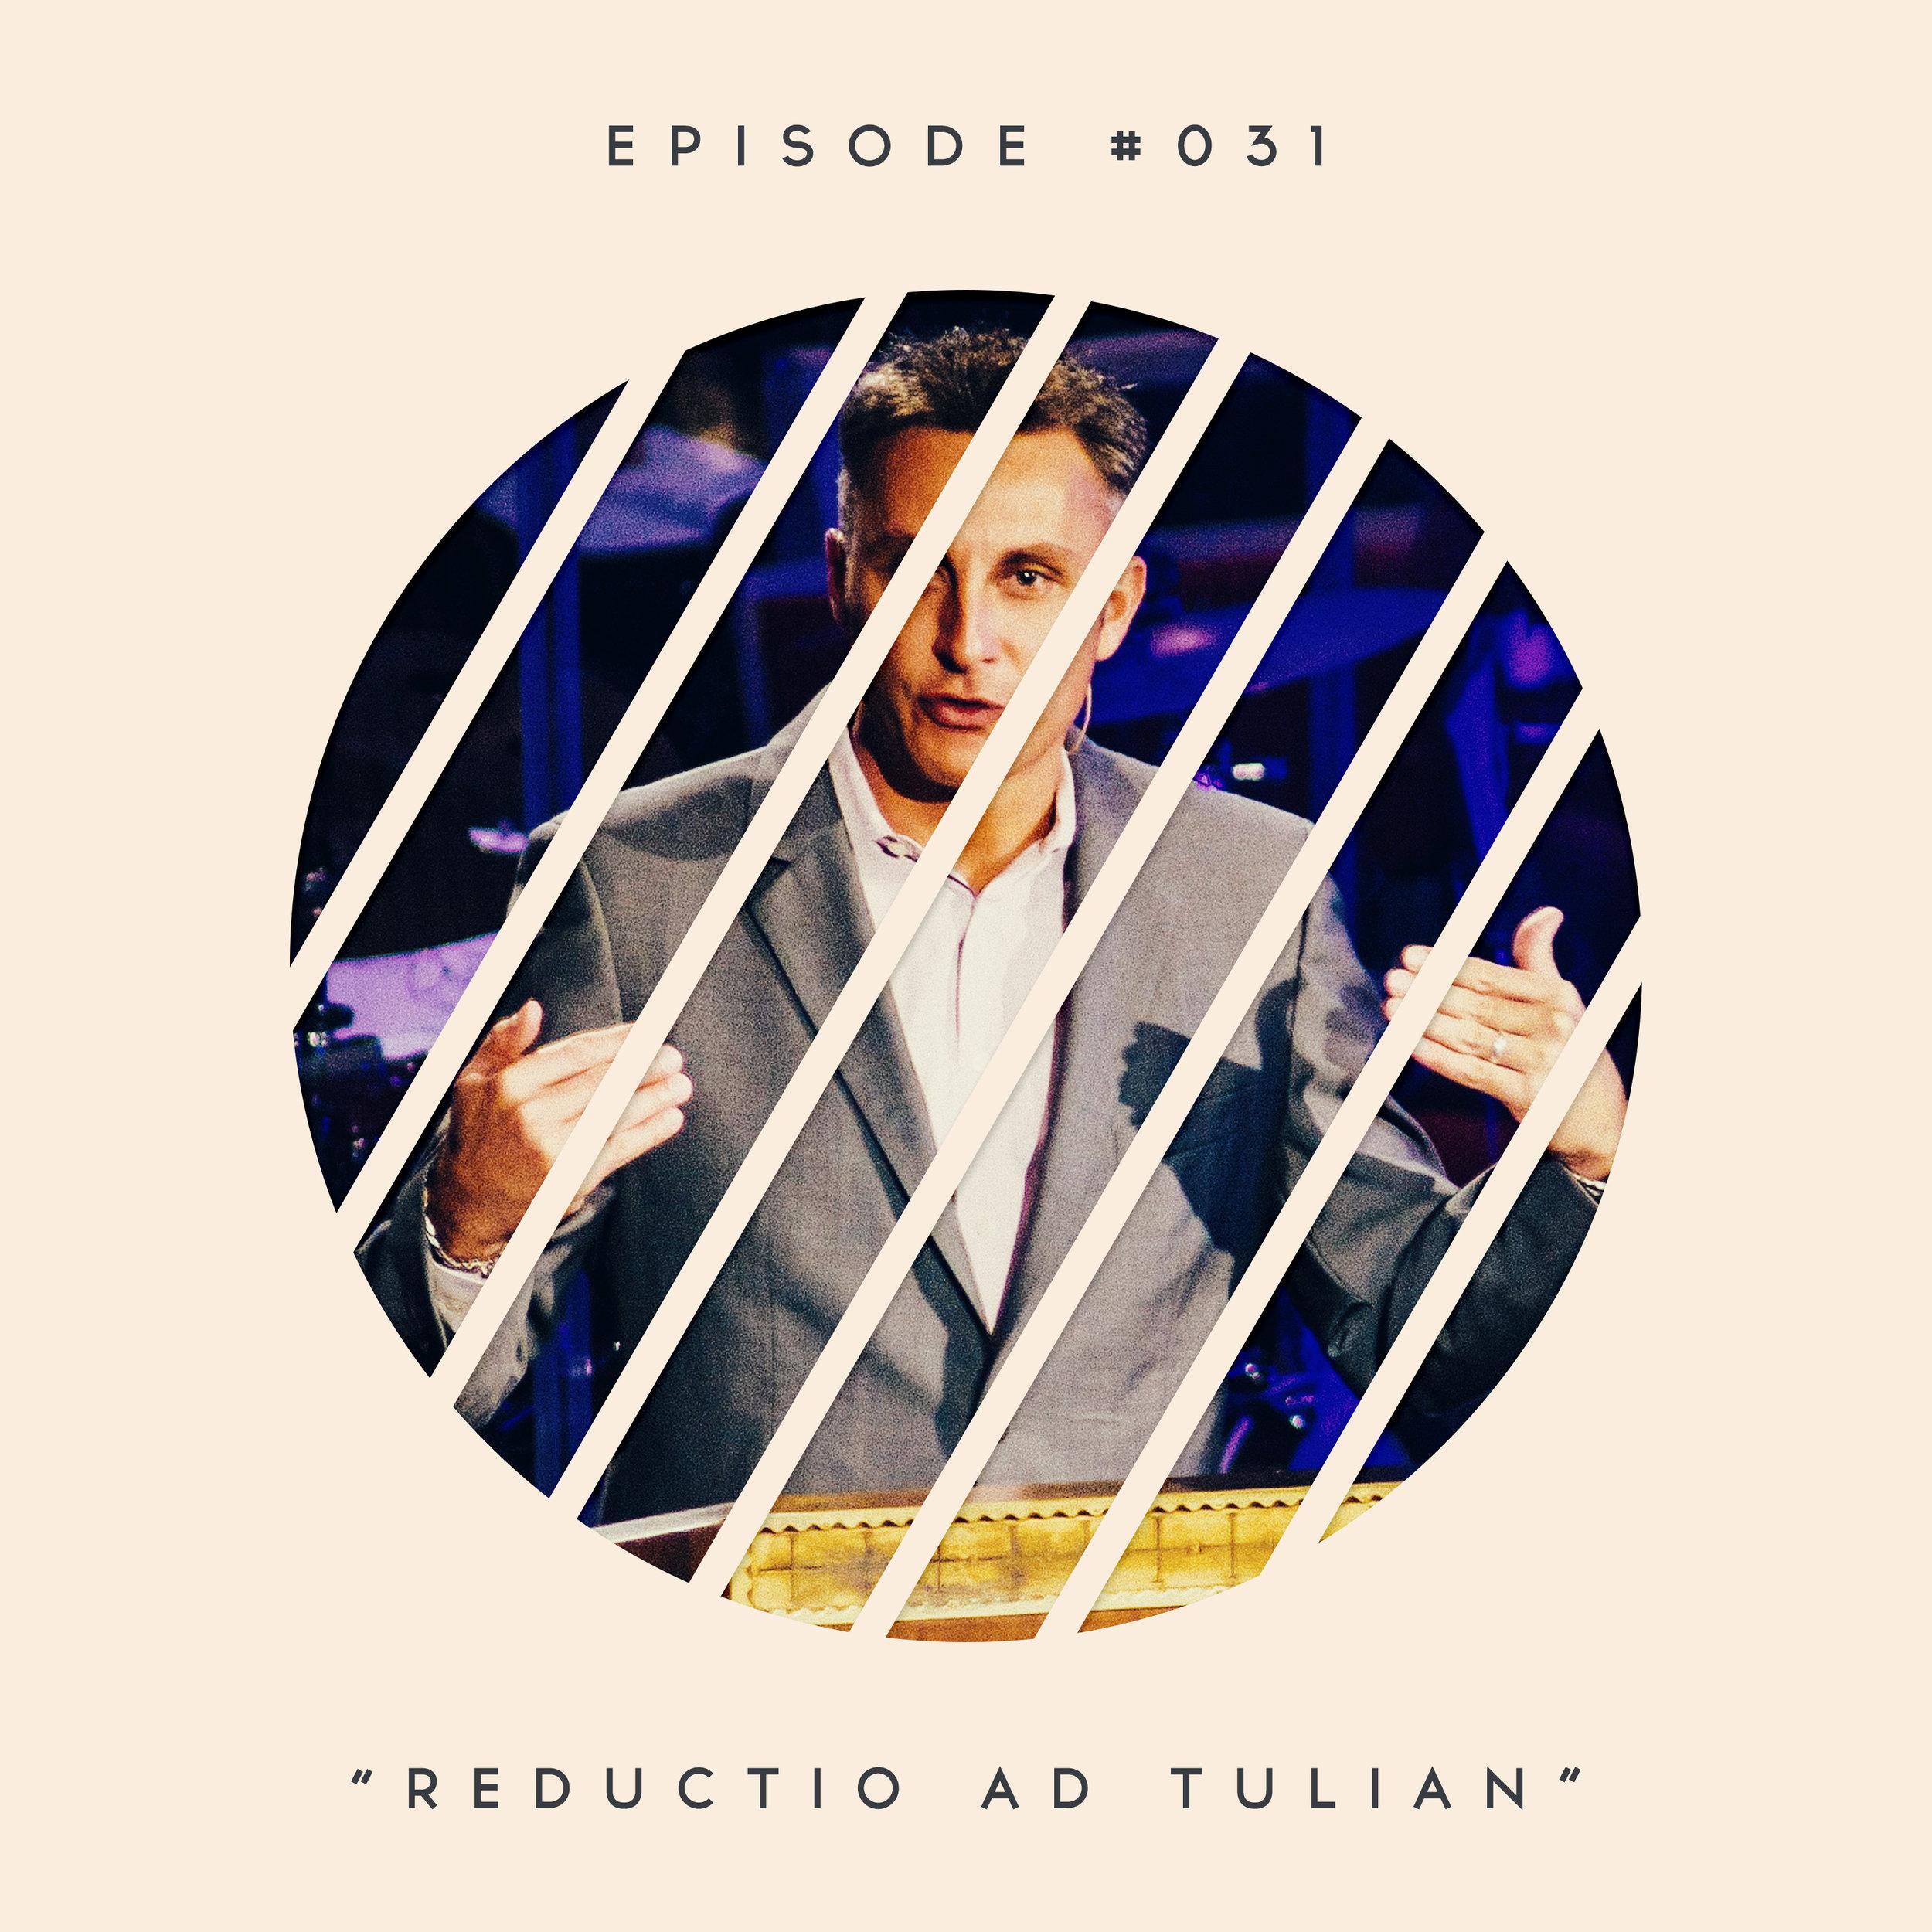 Reductio-Ad-Tullian.jpg